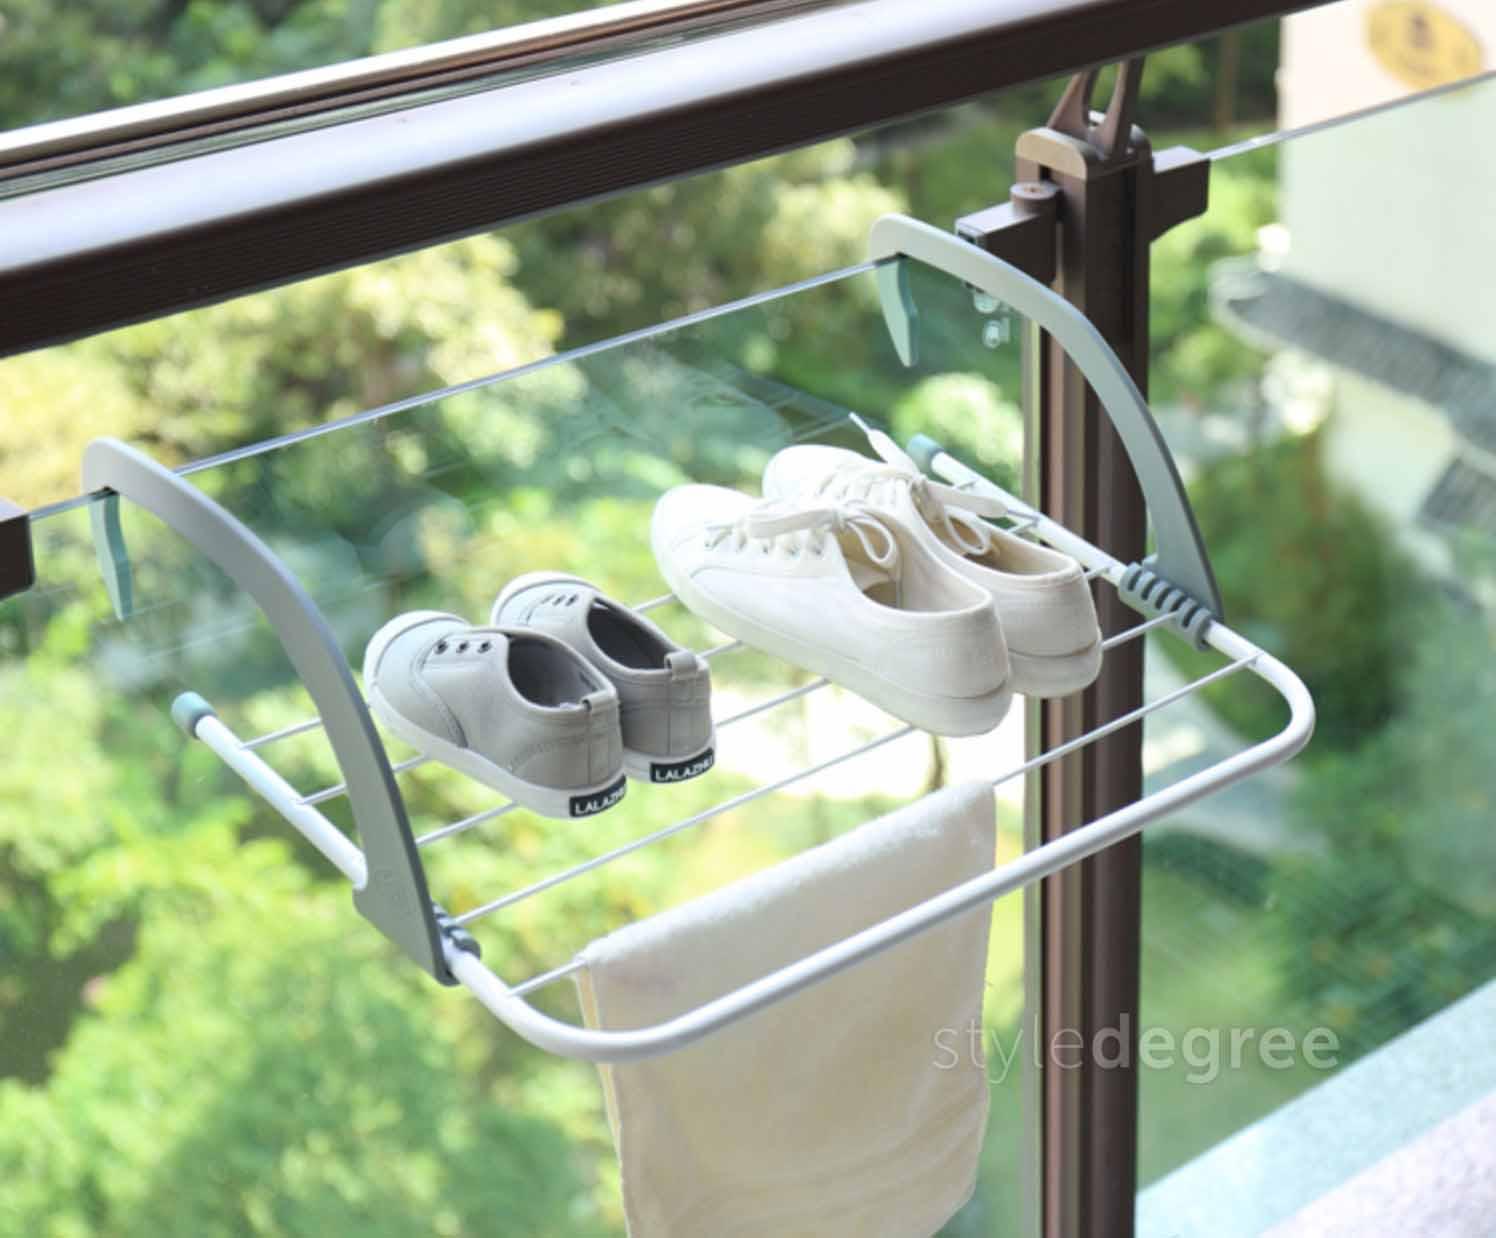 Sunshine Hanger Amp Rack Laundry Amp Drying Rack Style Degree